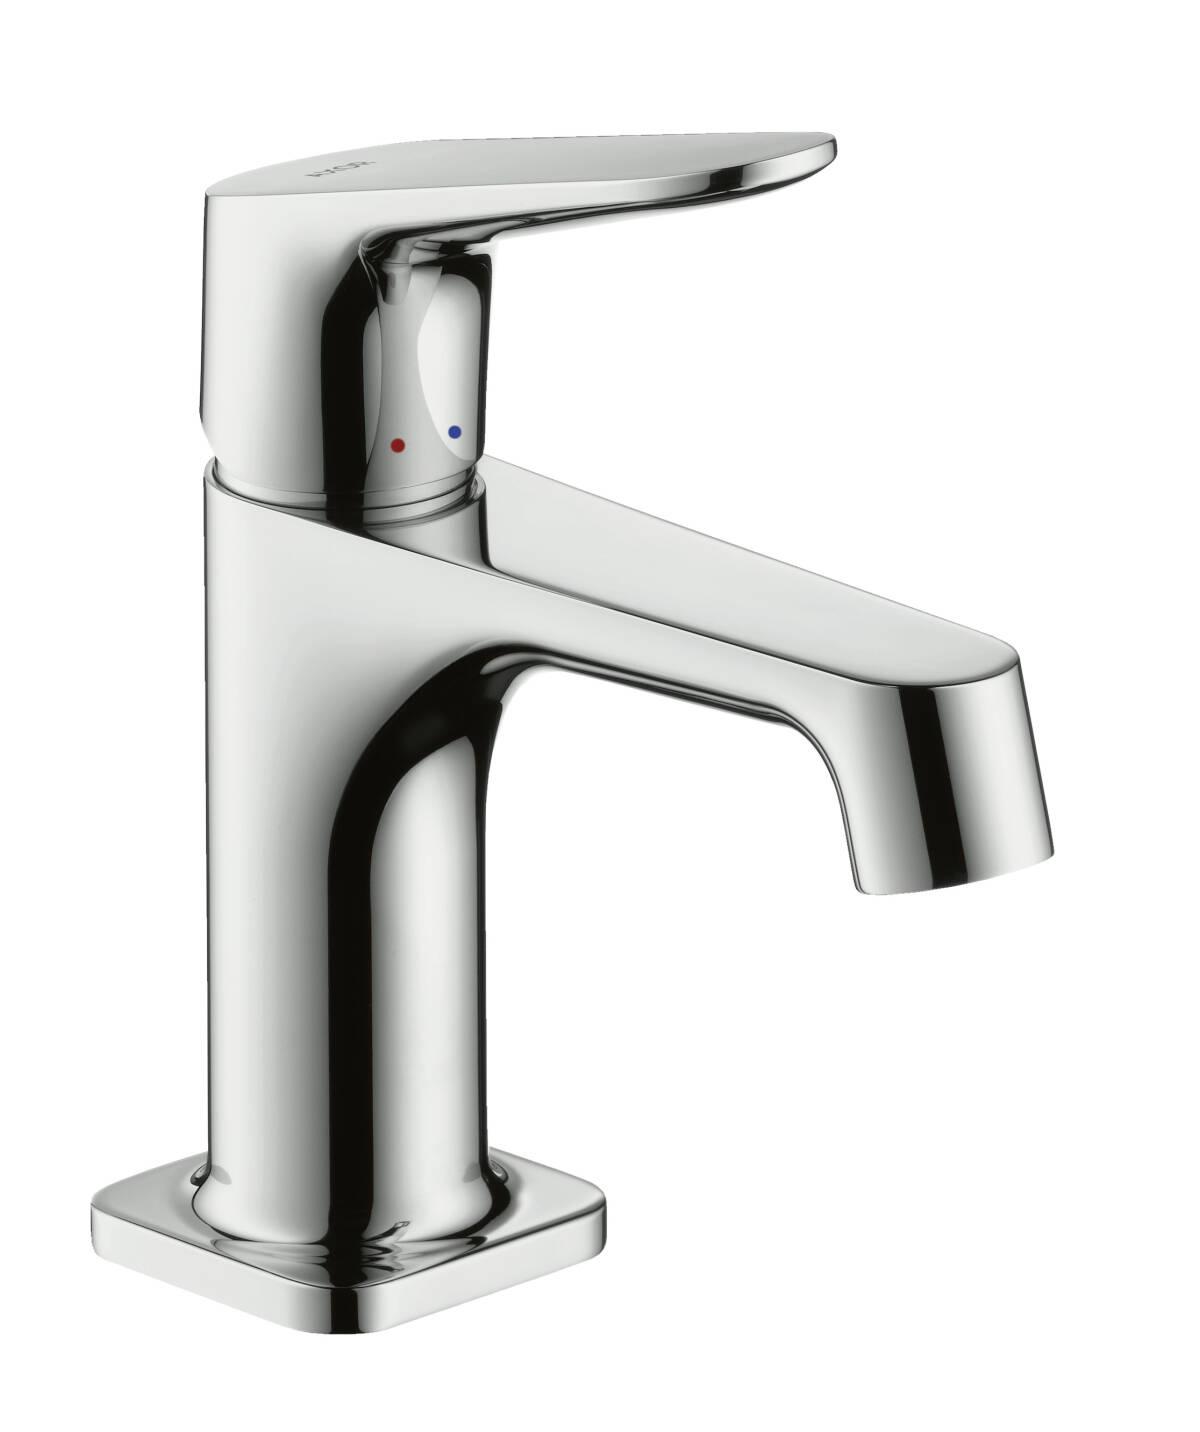 Einhebel-Waschtischmischer 70 mit Zugstangen-Ablaufgarnitur für Handwaschbecken, Chrom, 34016000